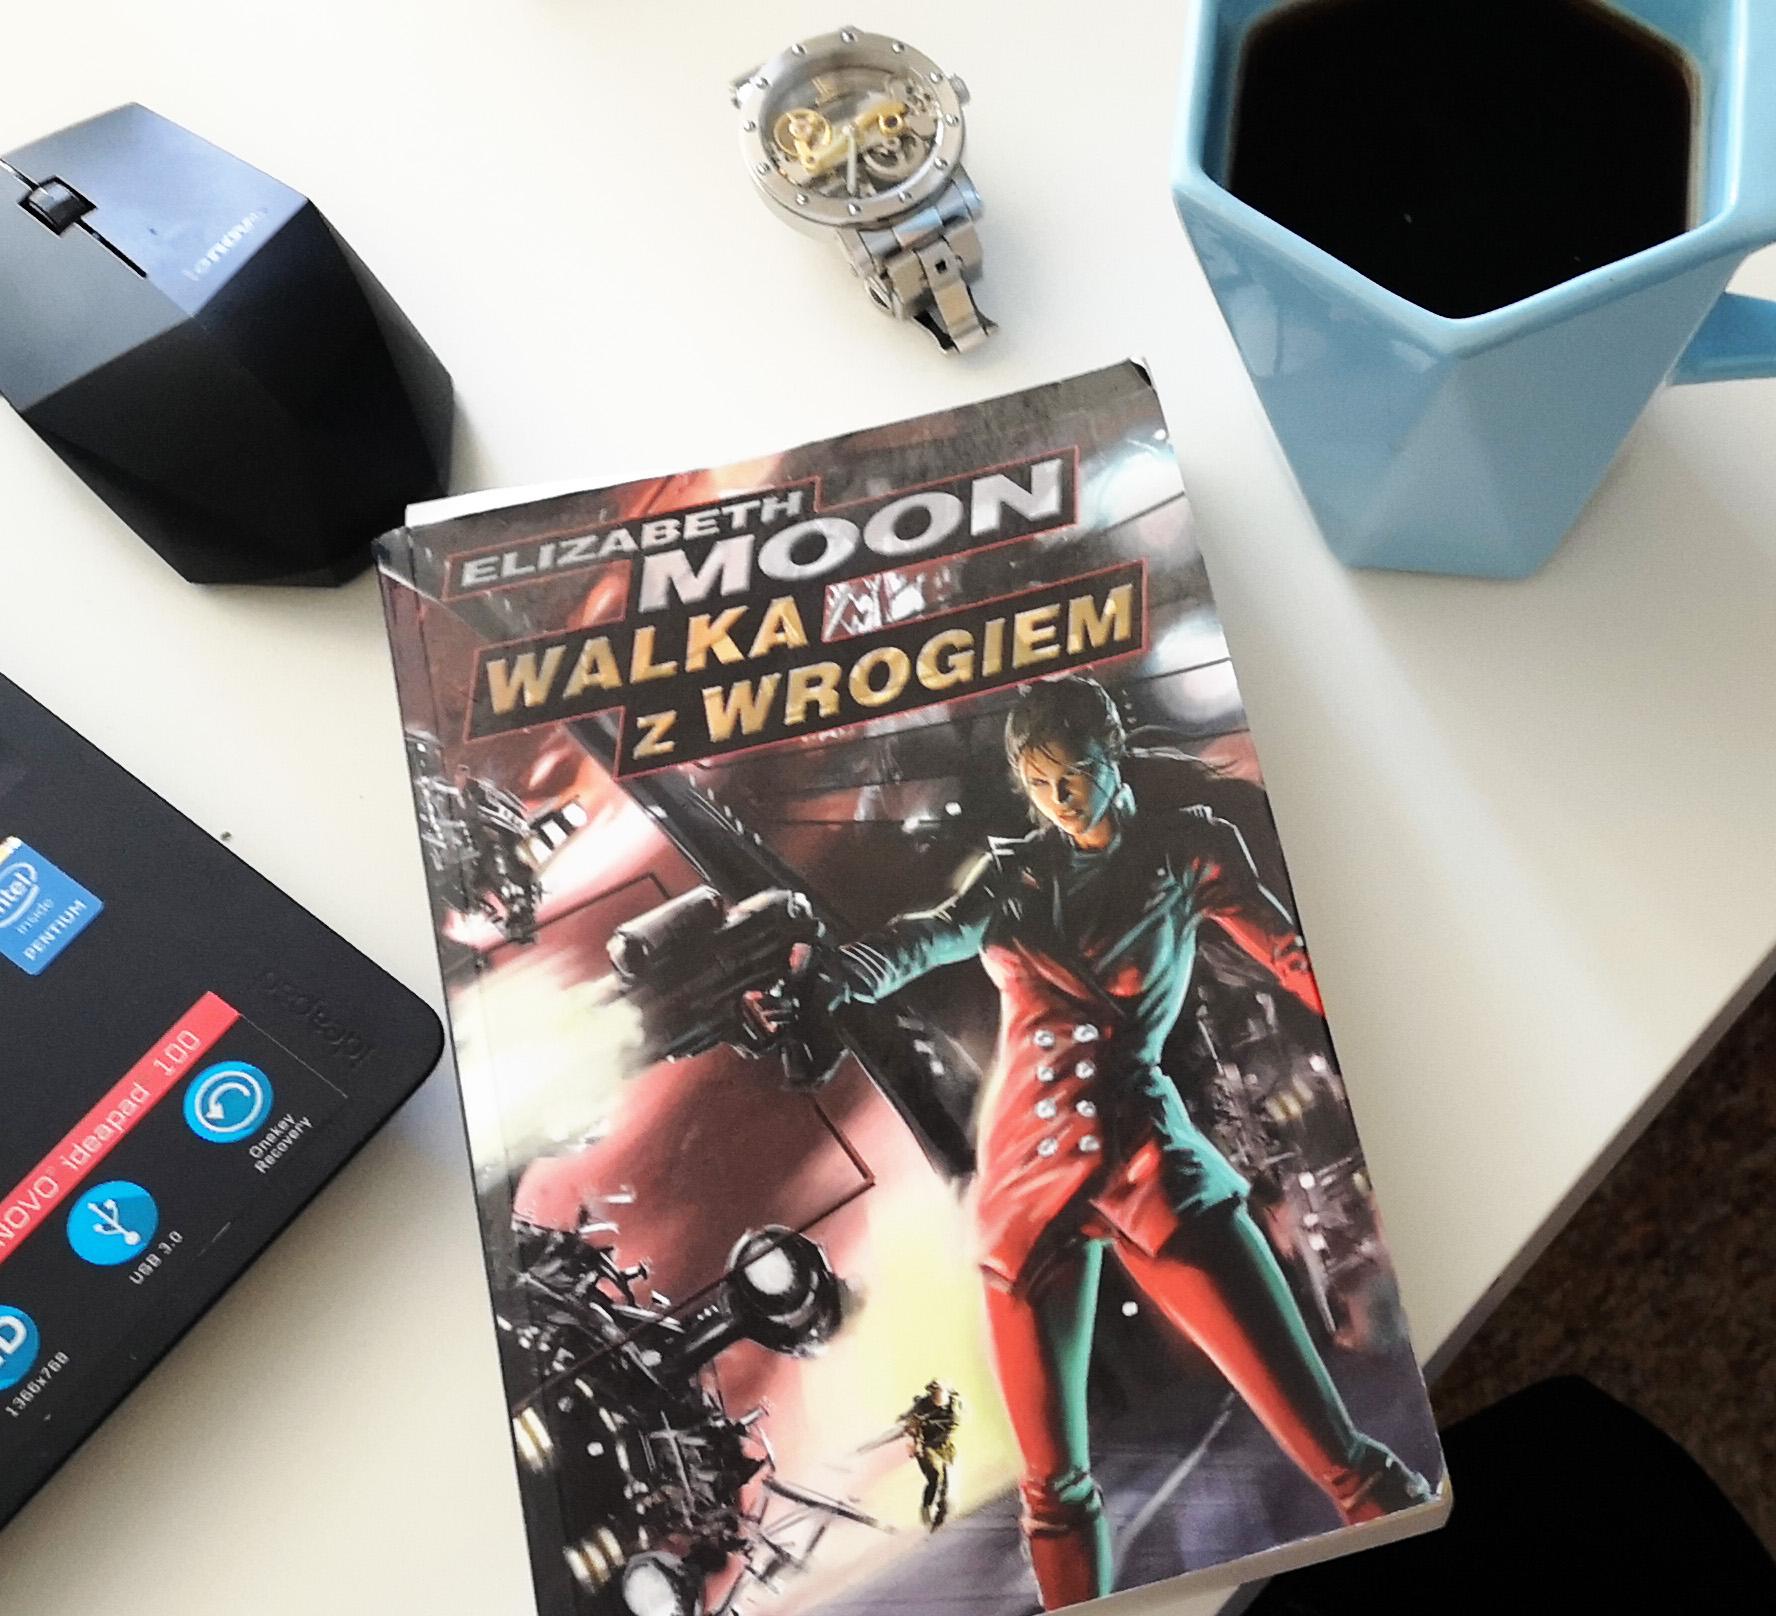 E. Moon, Walka z wrogiem. Cykl Wojna Vattów. Recenzja